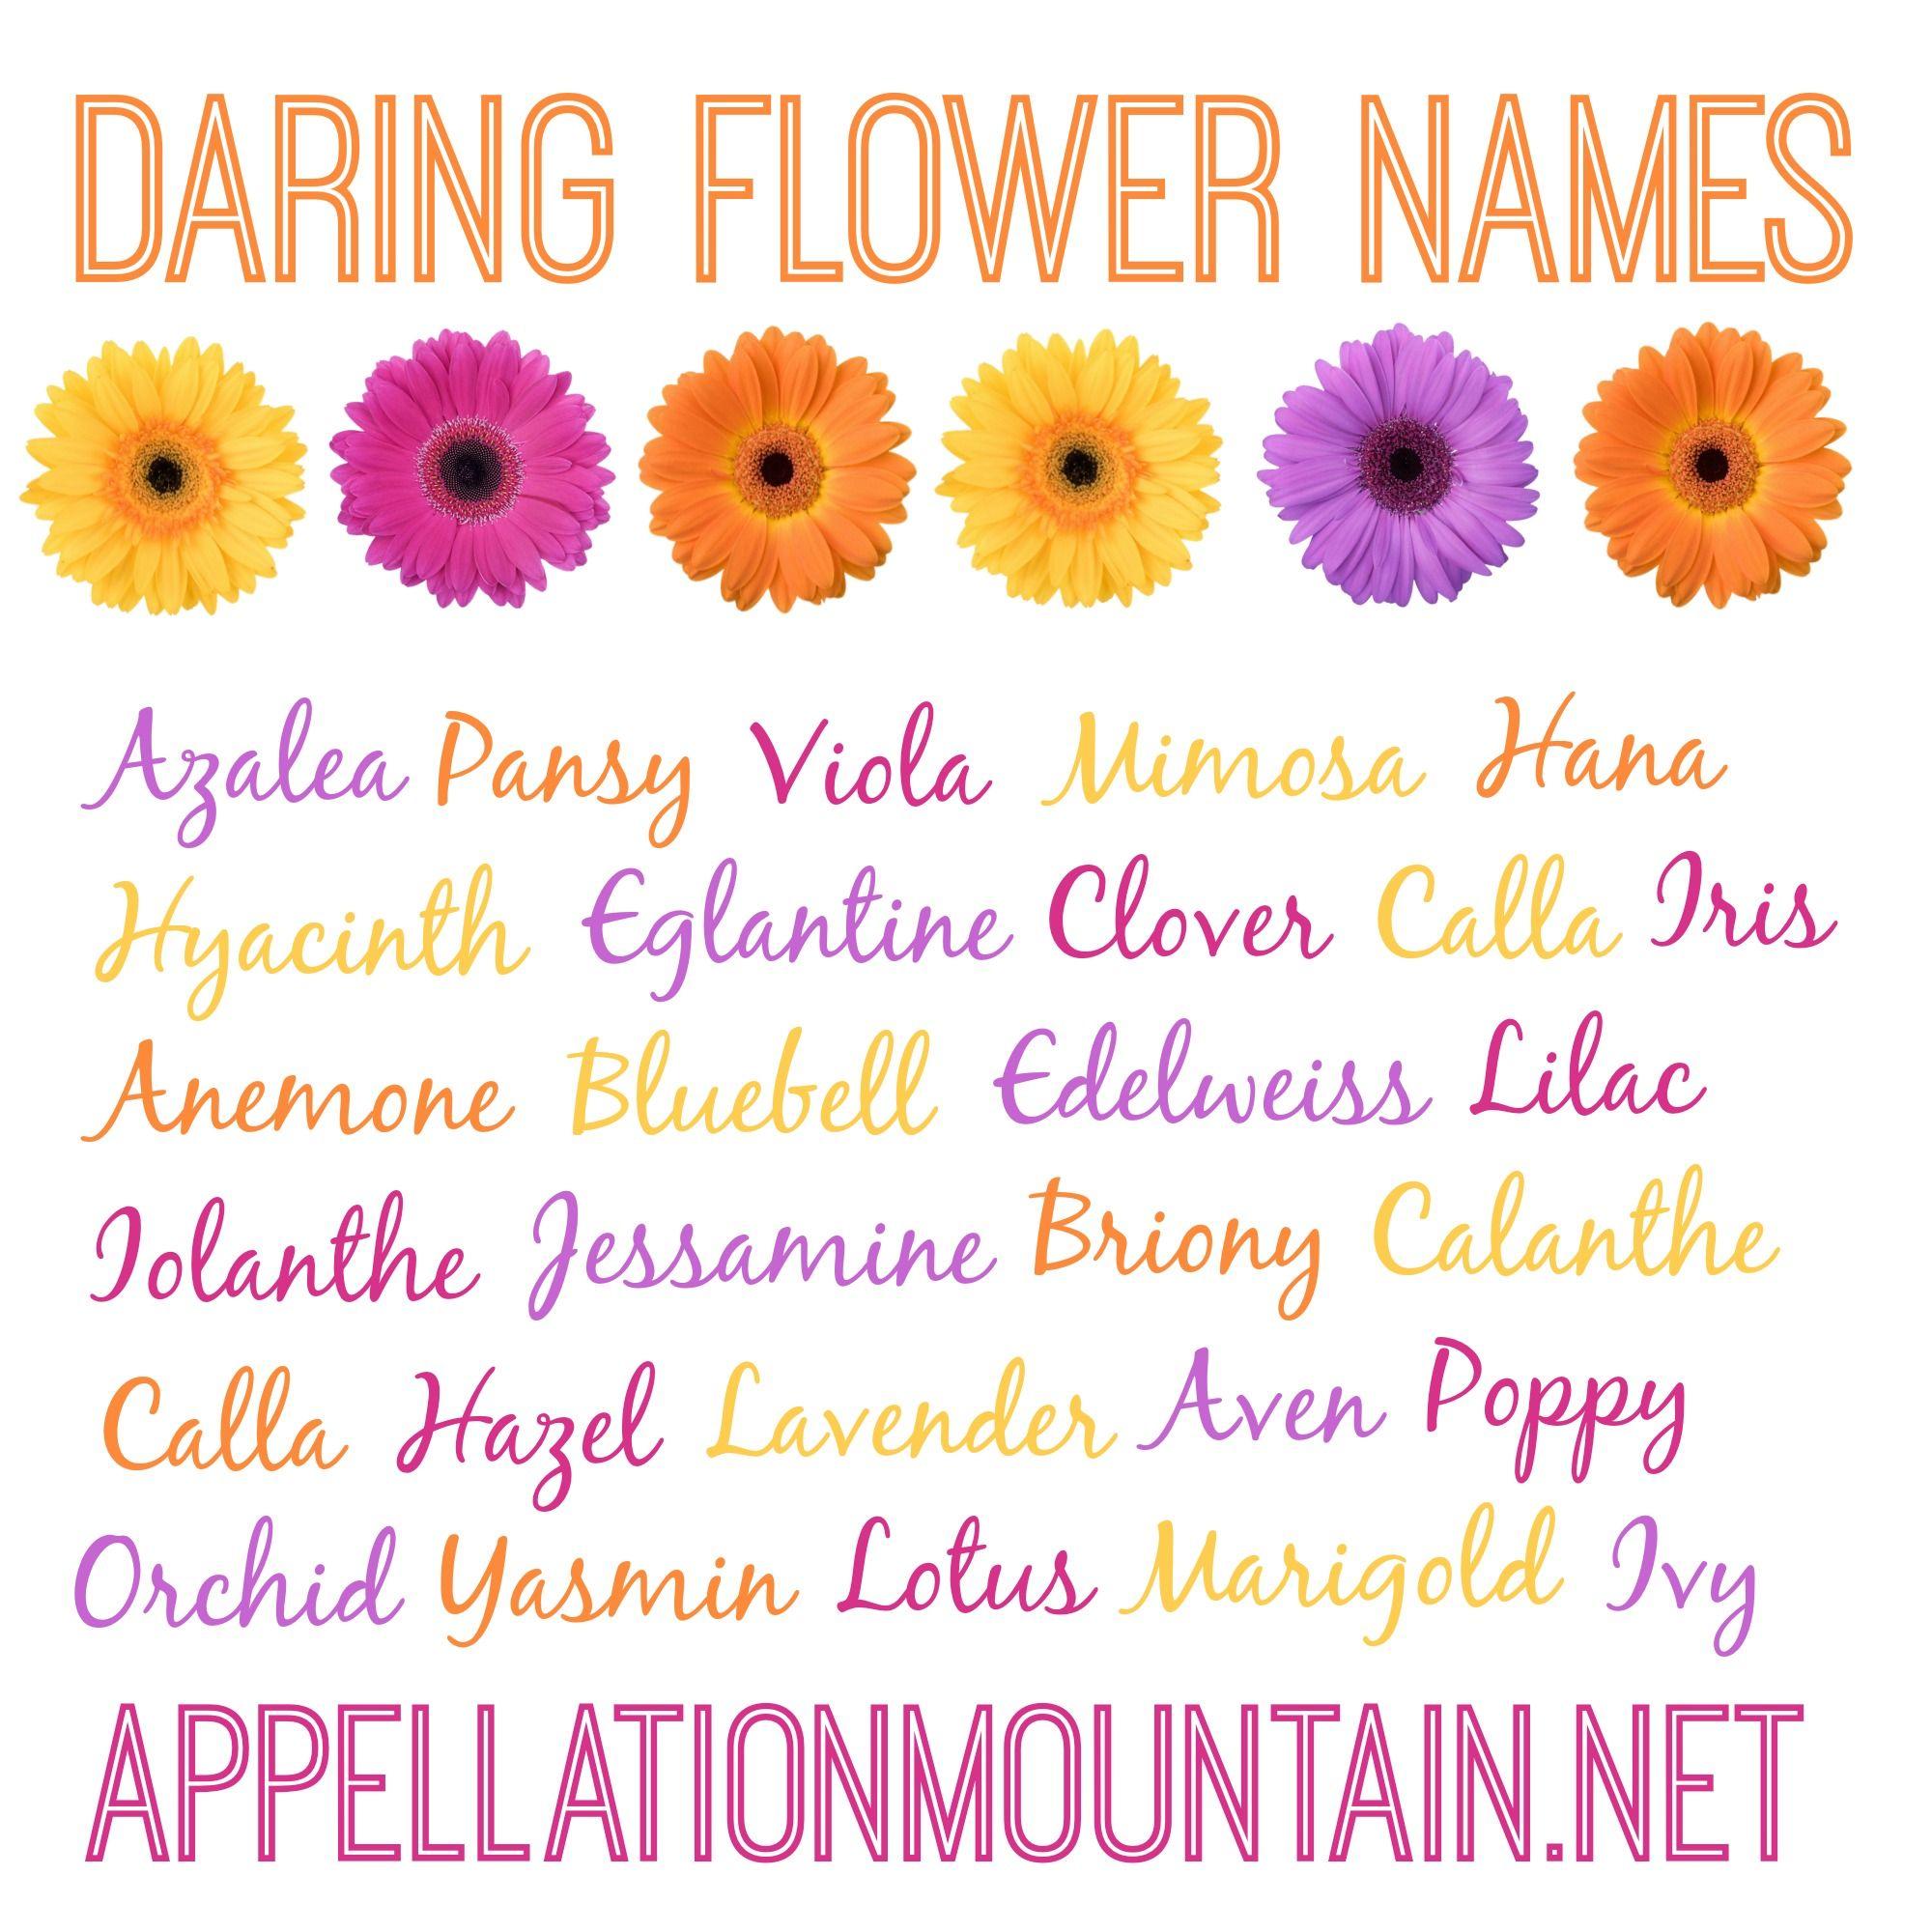 daring flower names Flower names